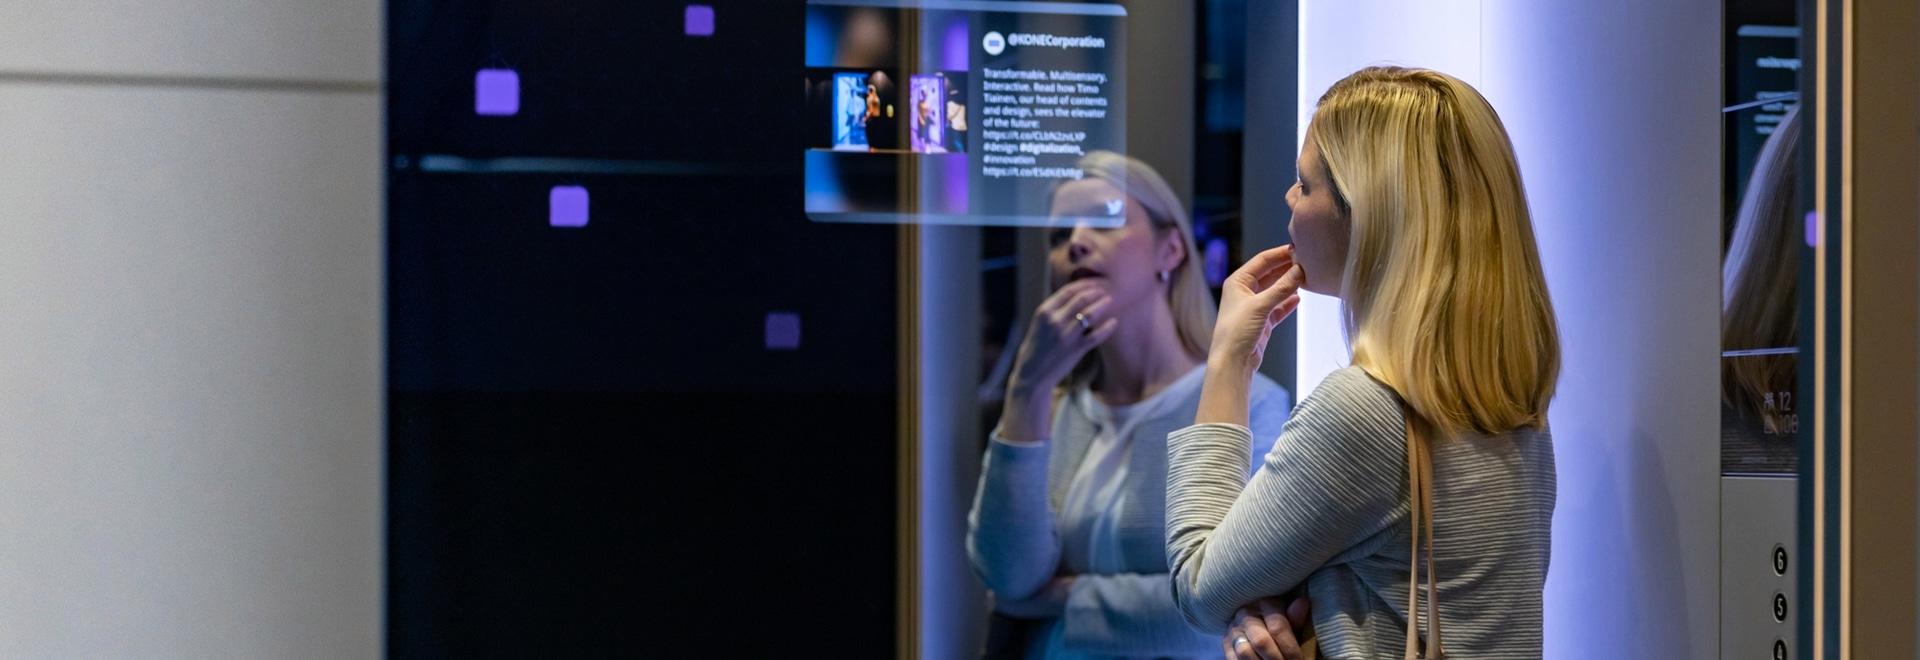 Los ascensores de la clase DX de Kone estarán súper conectados.